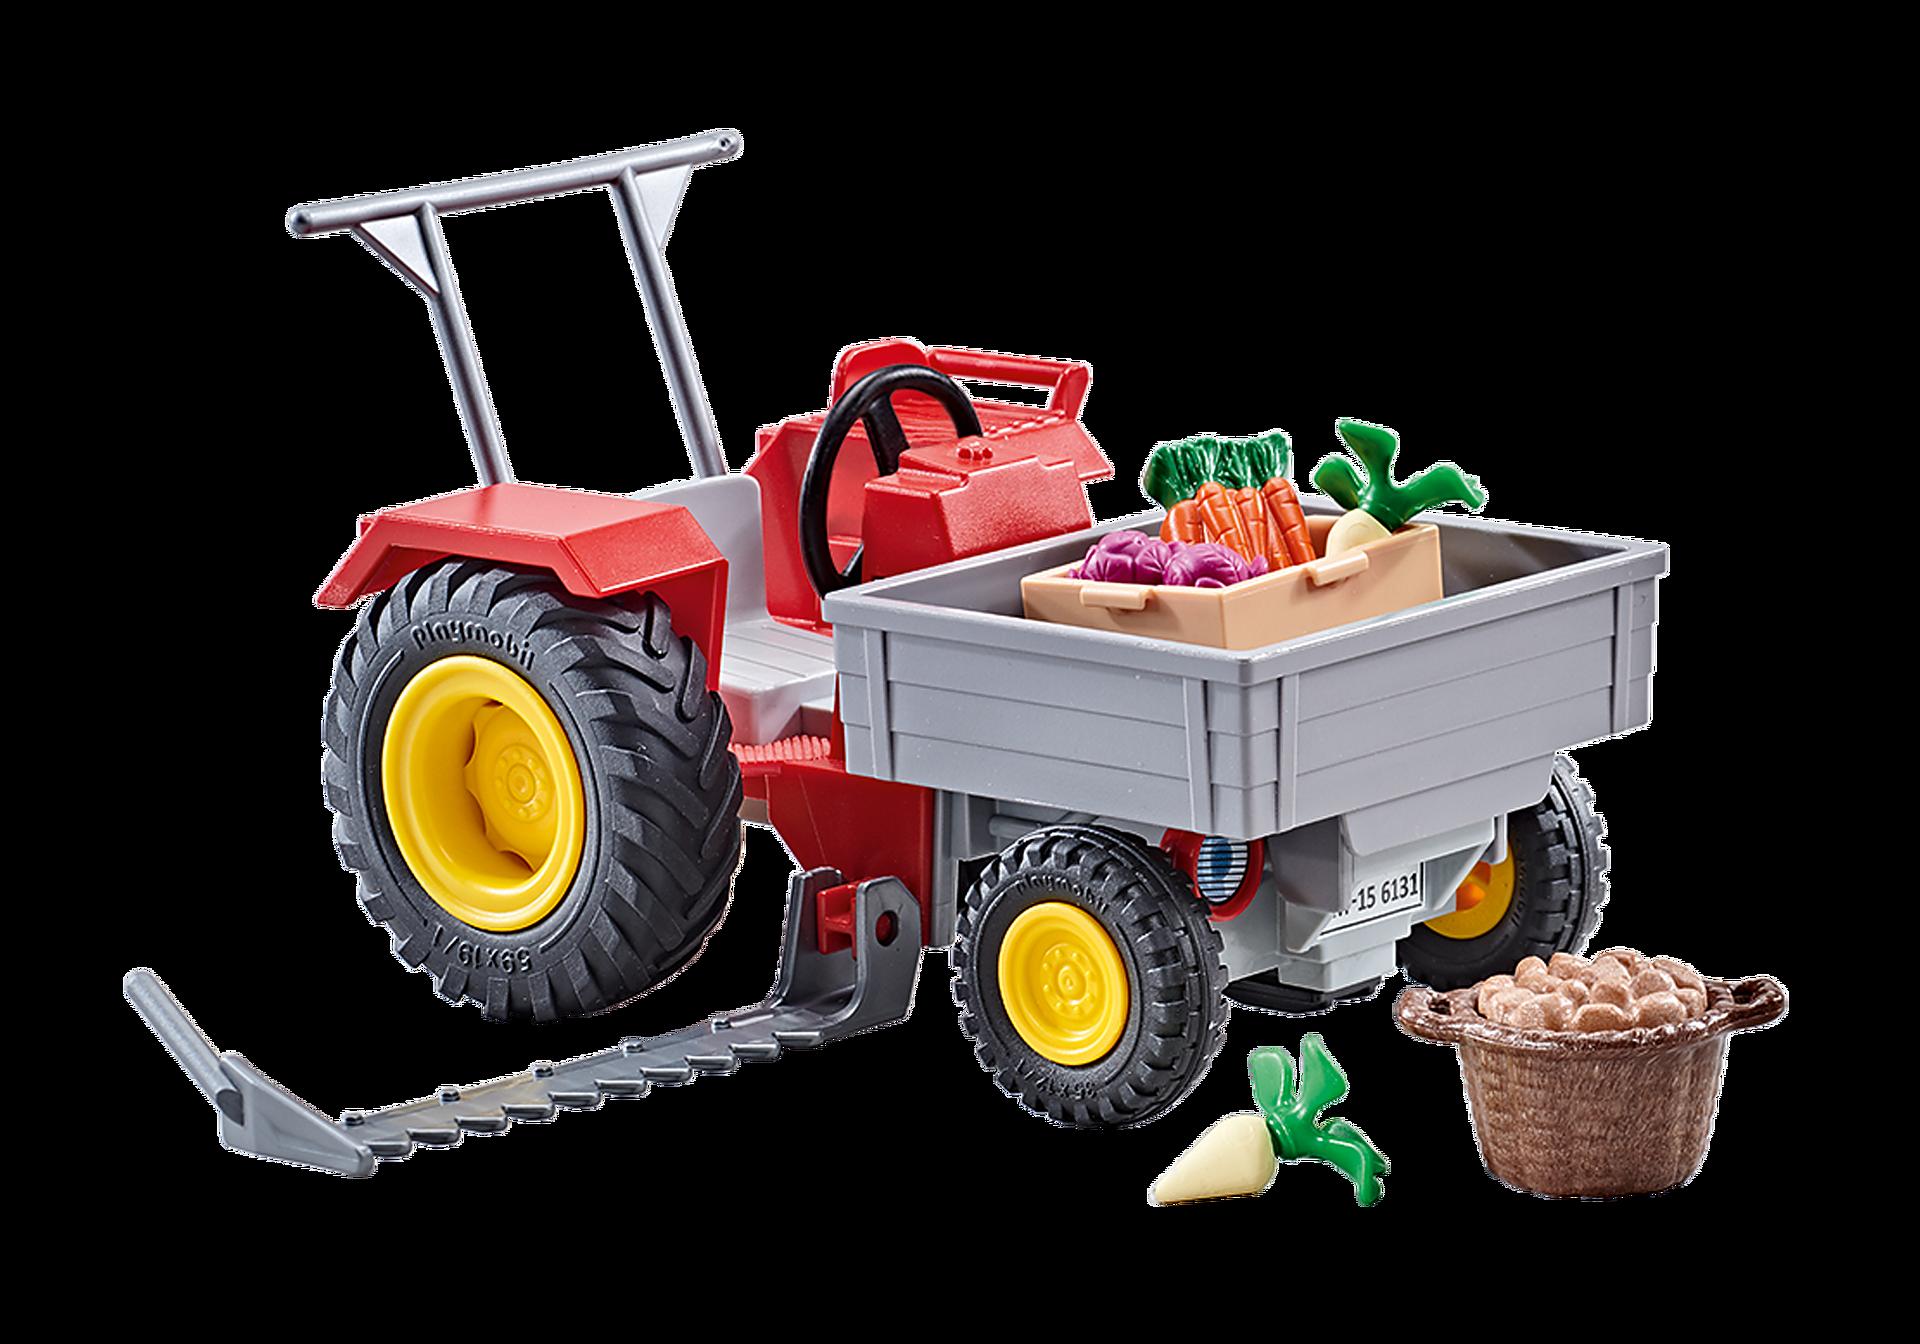 9831 Landbouwmaaier met groenten zoom image1